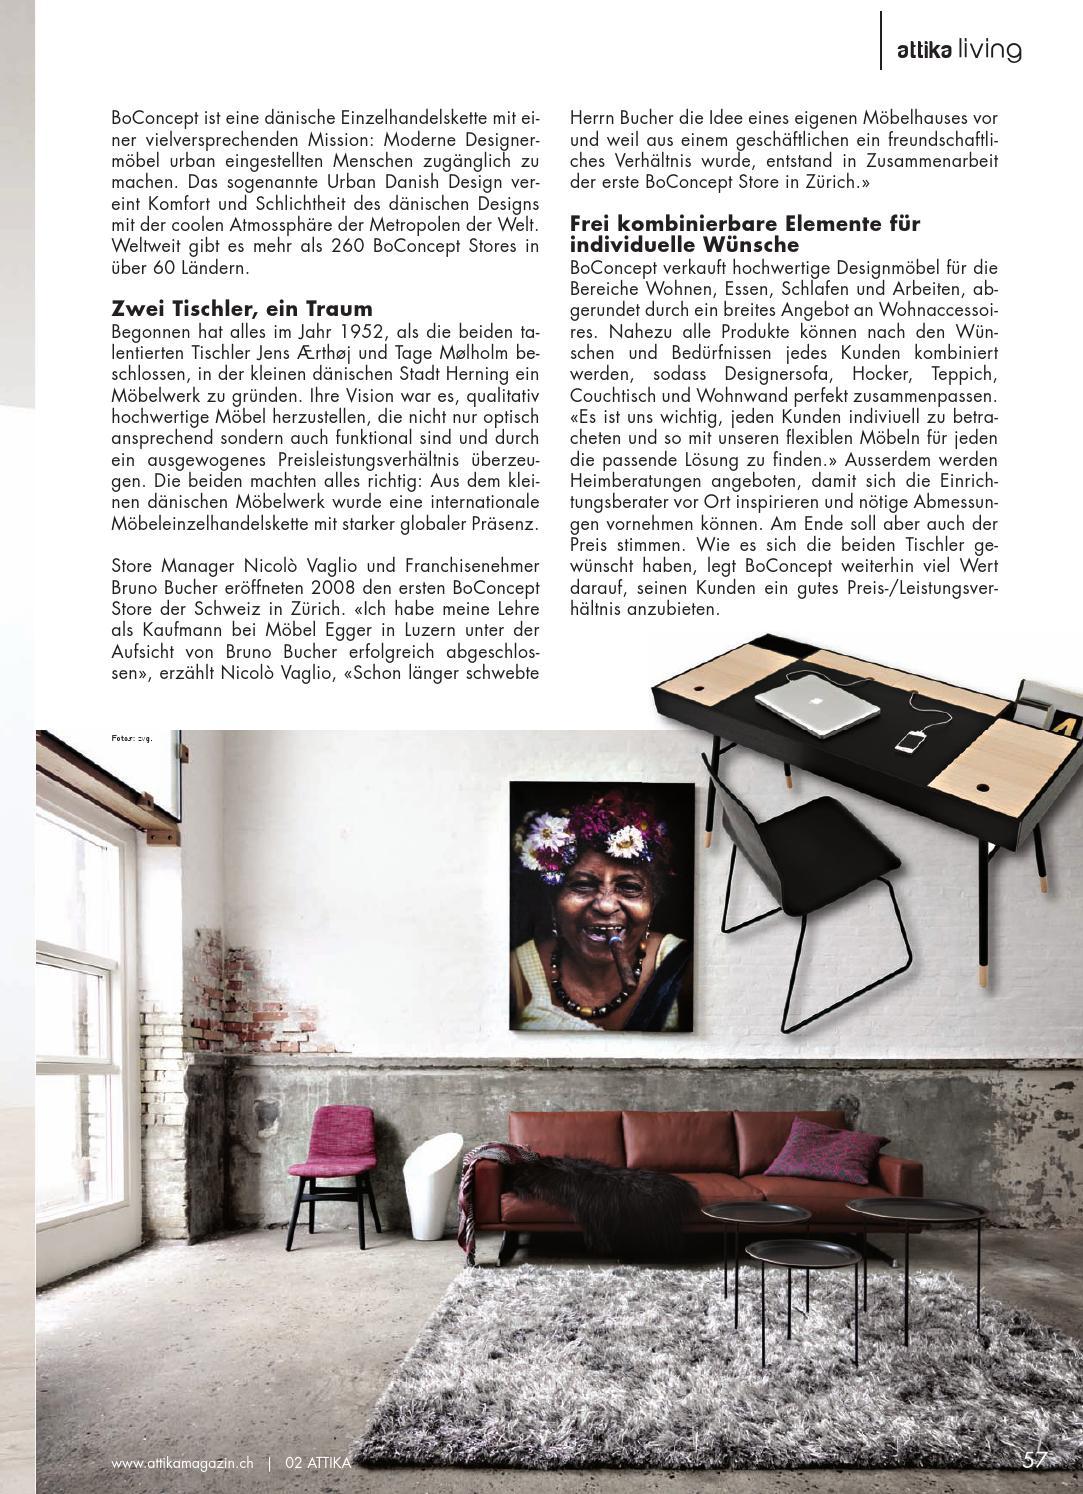 Attika Magacine Volume 0214 By Attika Magazin Ag Issuu